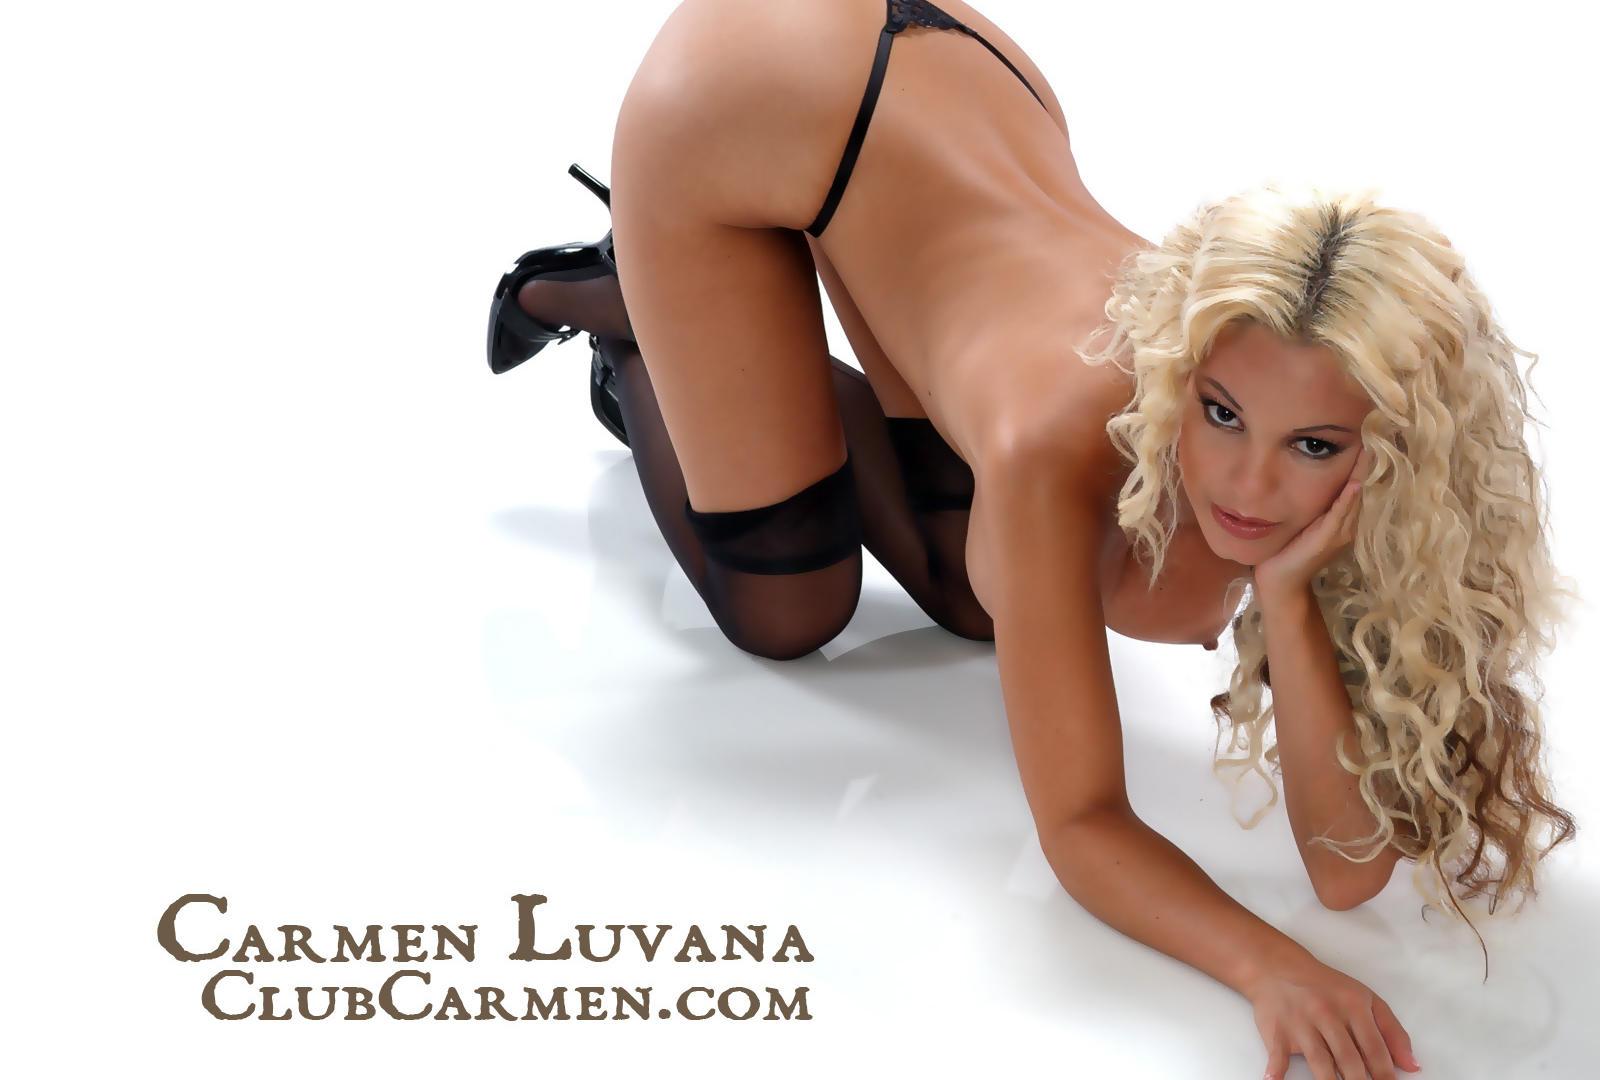 Carmen Luvana Tits 109